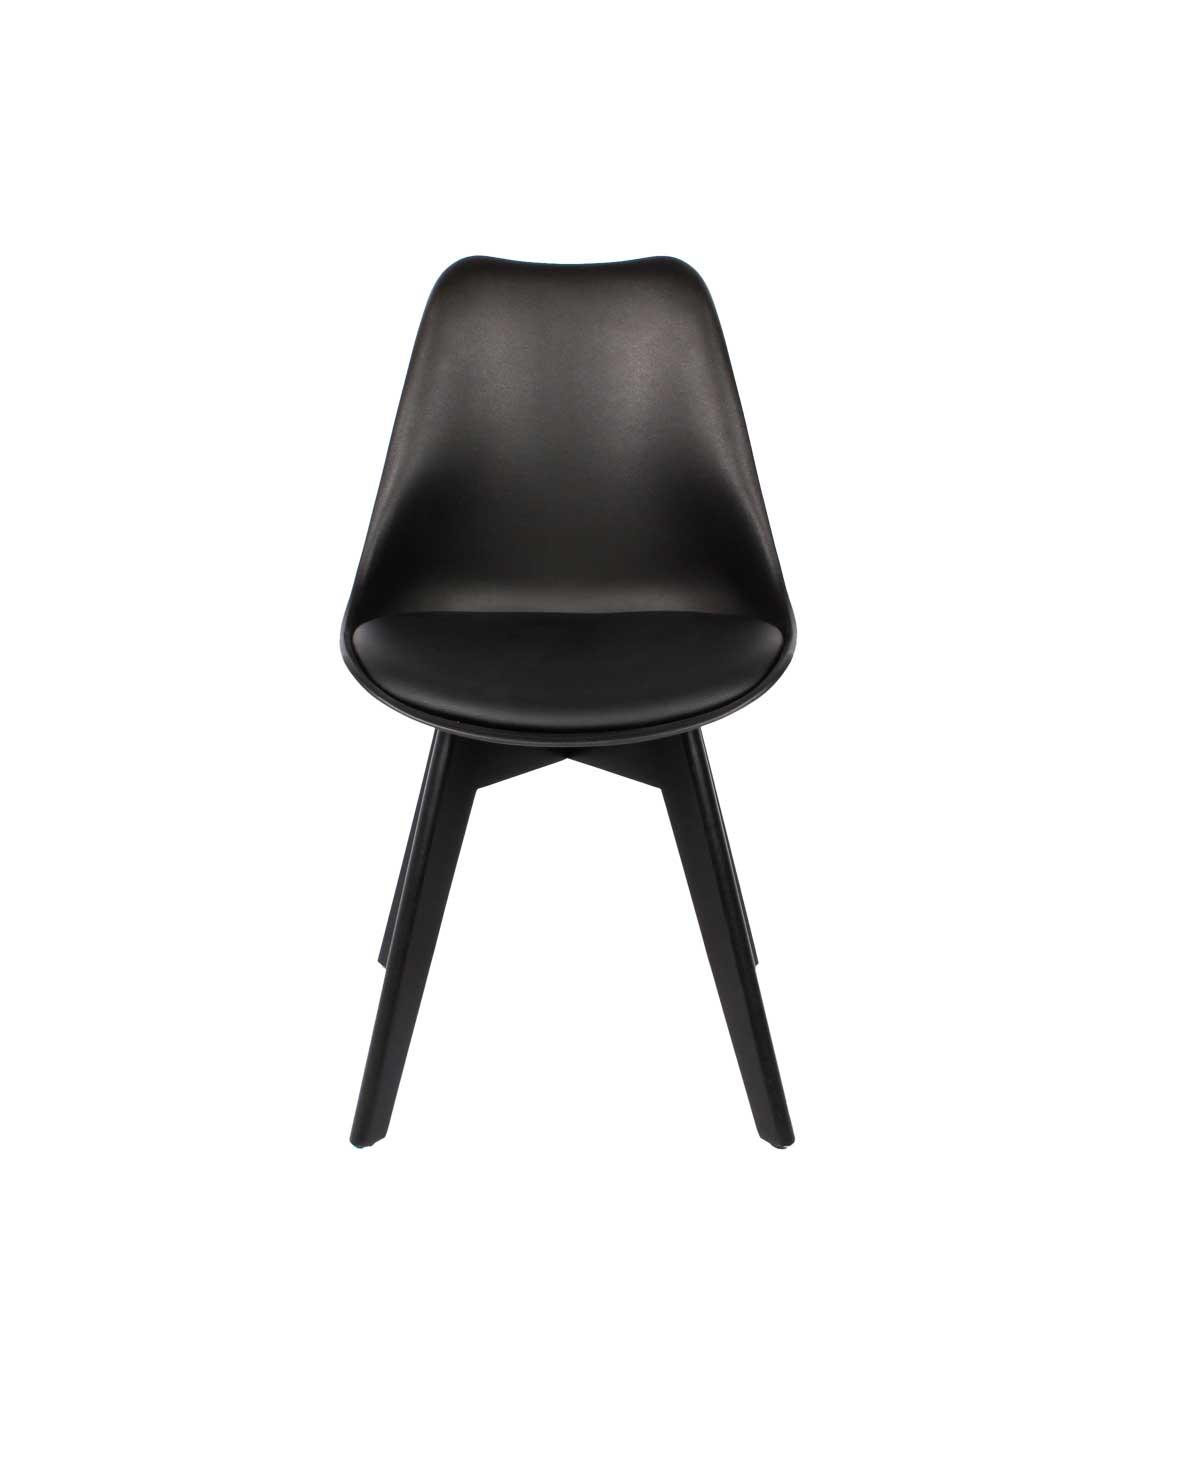 Preform mia spisebordsstol - sort kunstlæder og sort rubberwood